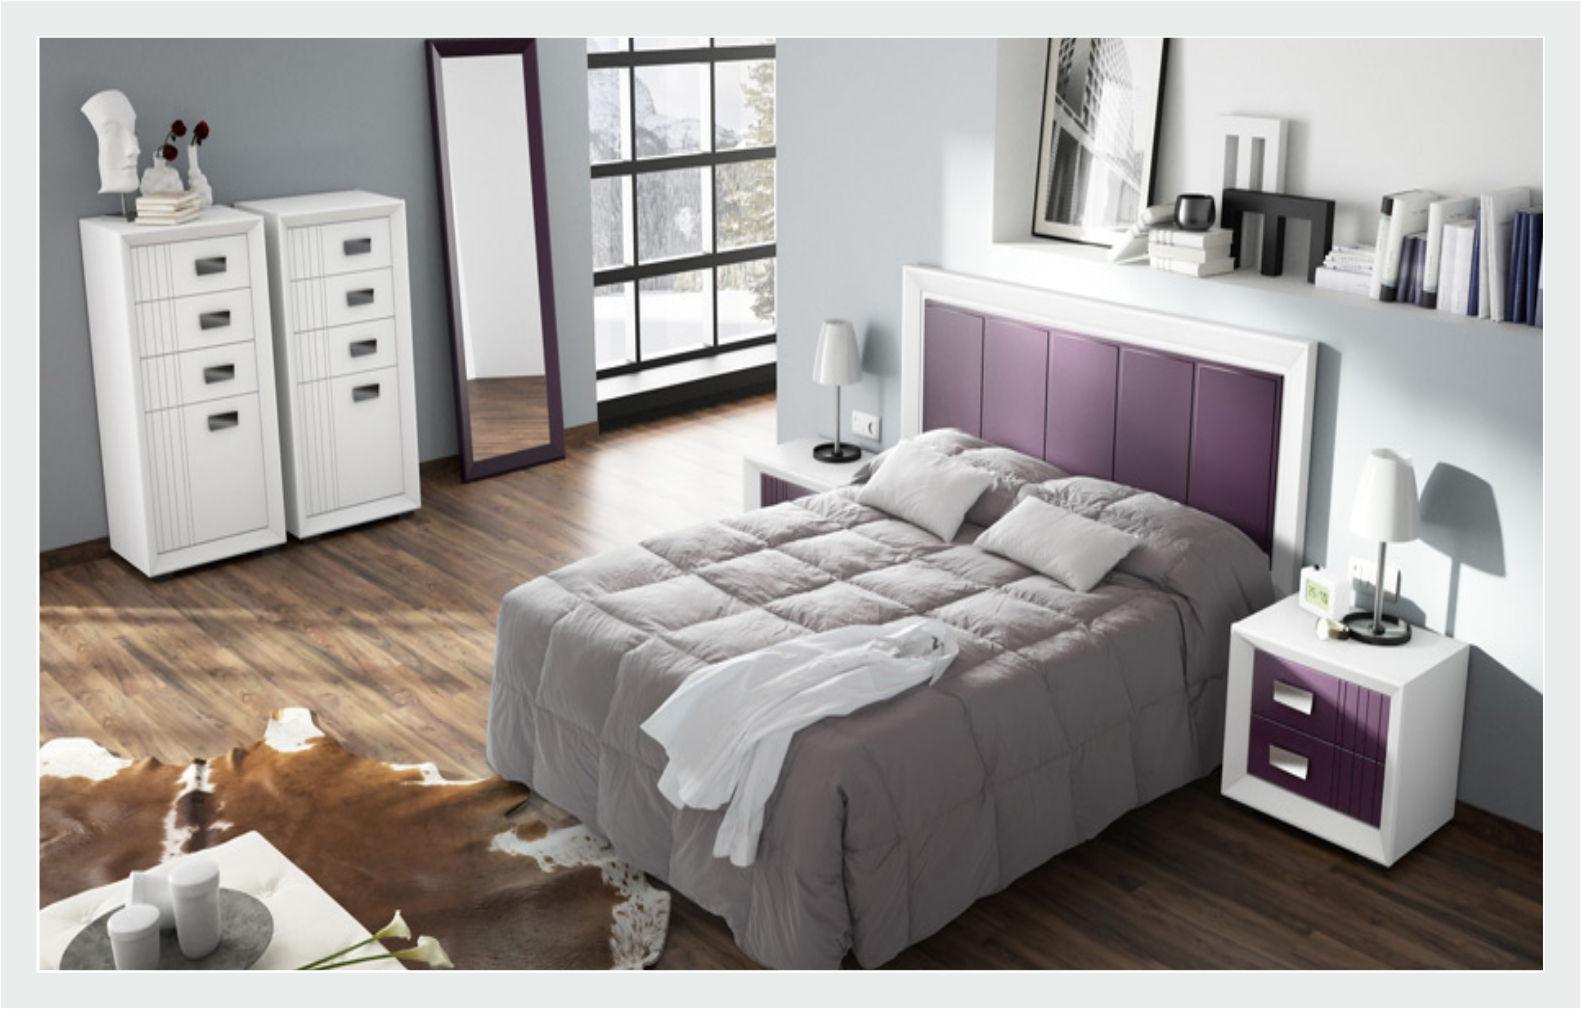 Dormitorios en sevilla muebles isidoro dom nguez for Muebles quivir en sevilla